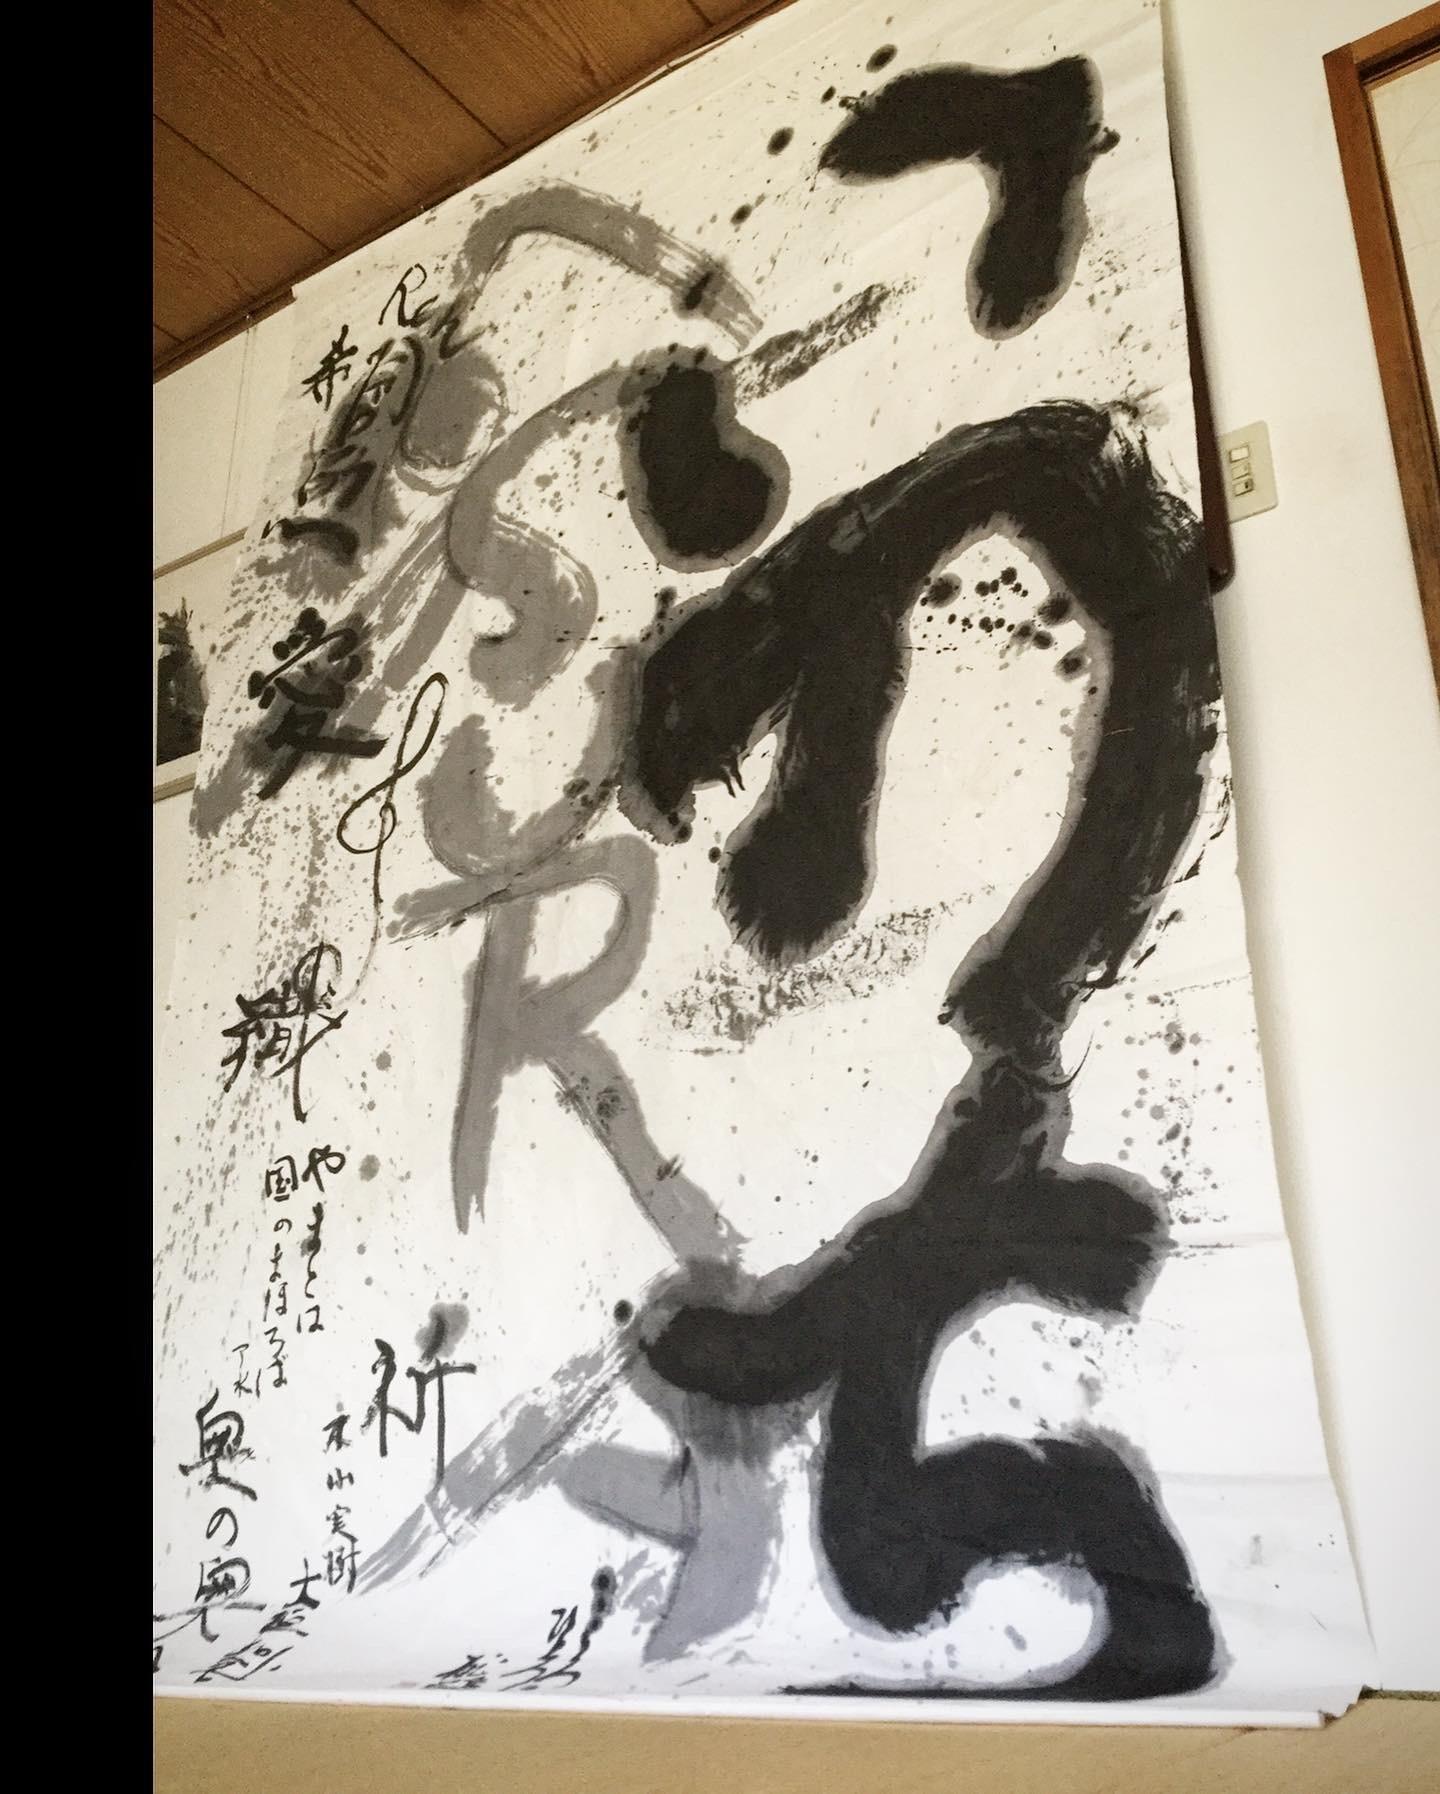 「岡本彰夫✖️辻明俊 新刊を語る」2部夕暮れコンサート こころひとつに_f0389753_06110290.jpeg